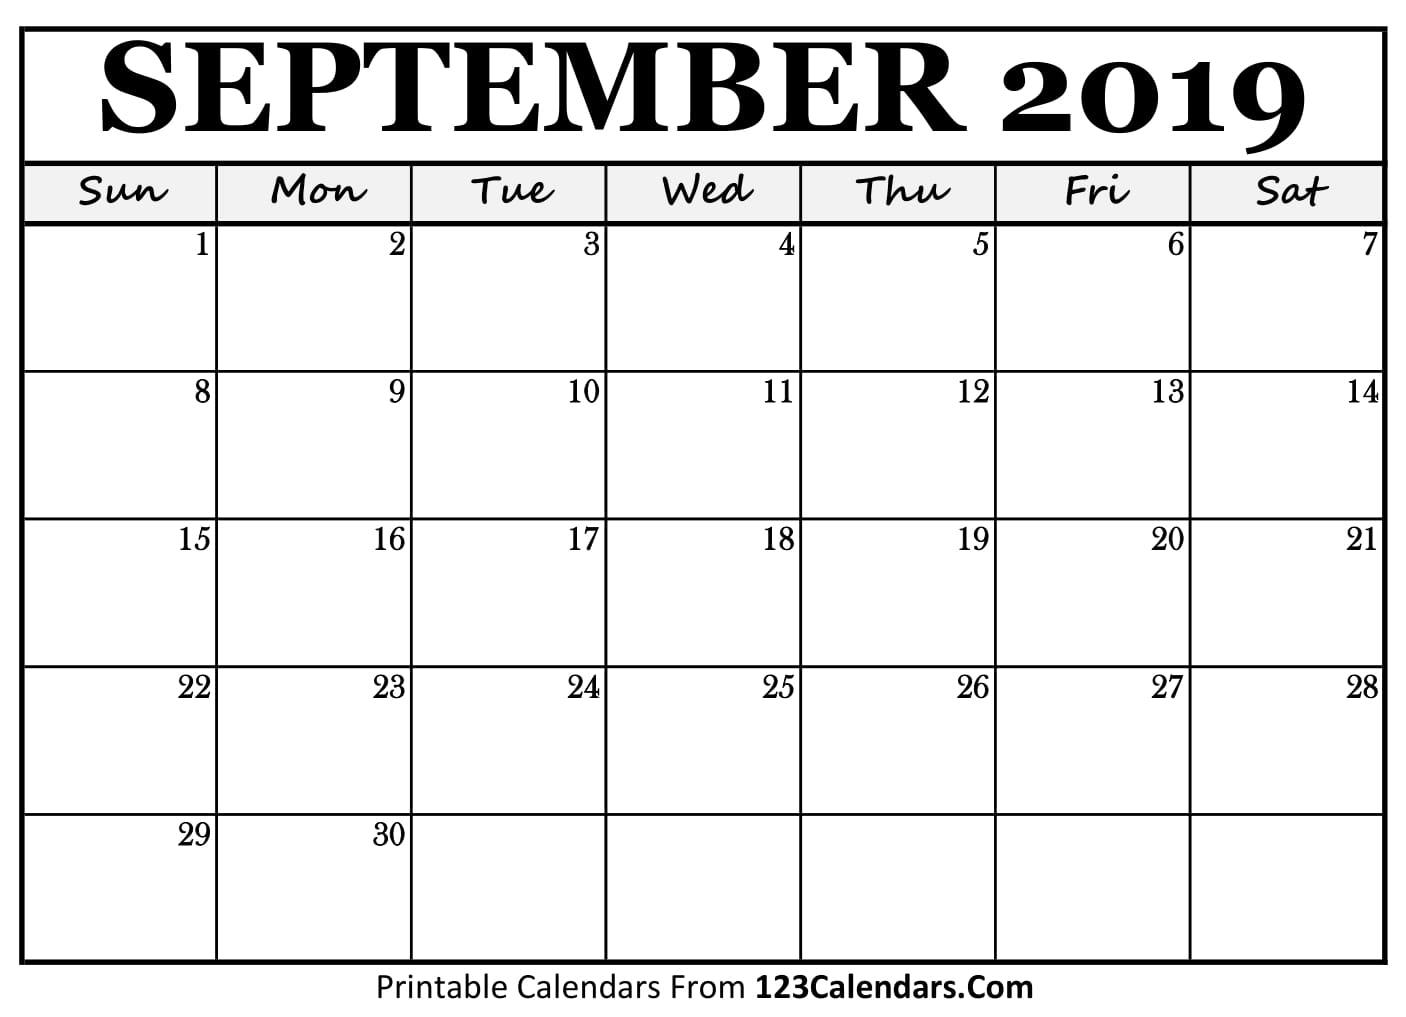 Printable September 2018 Calendar Templates - 123Calendars.Com